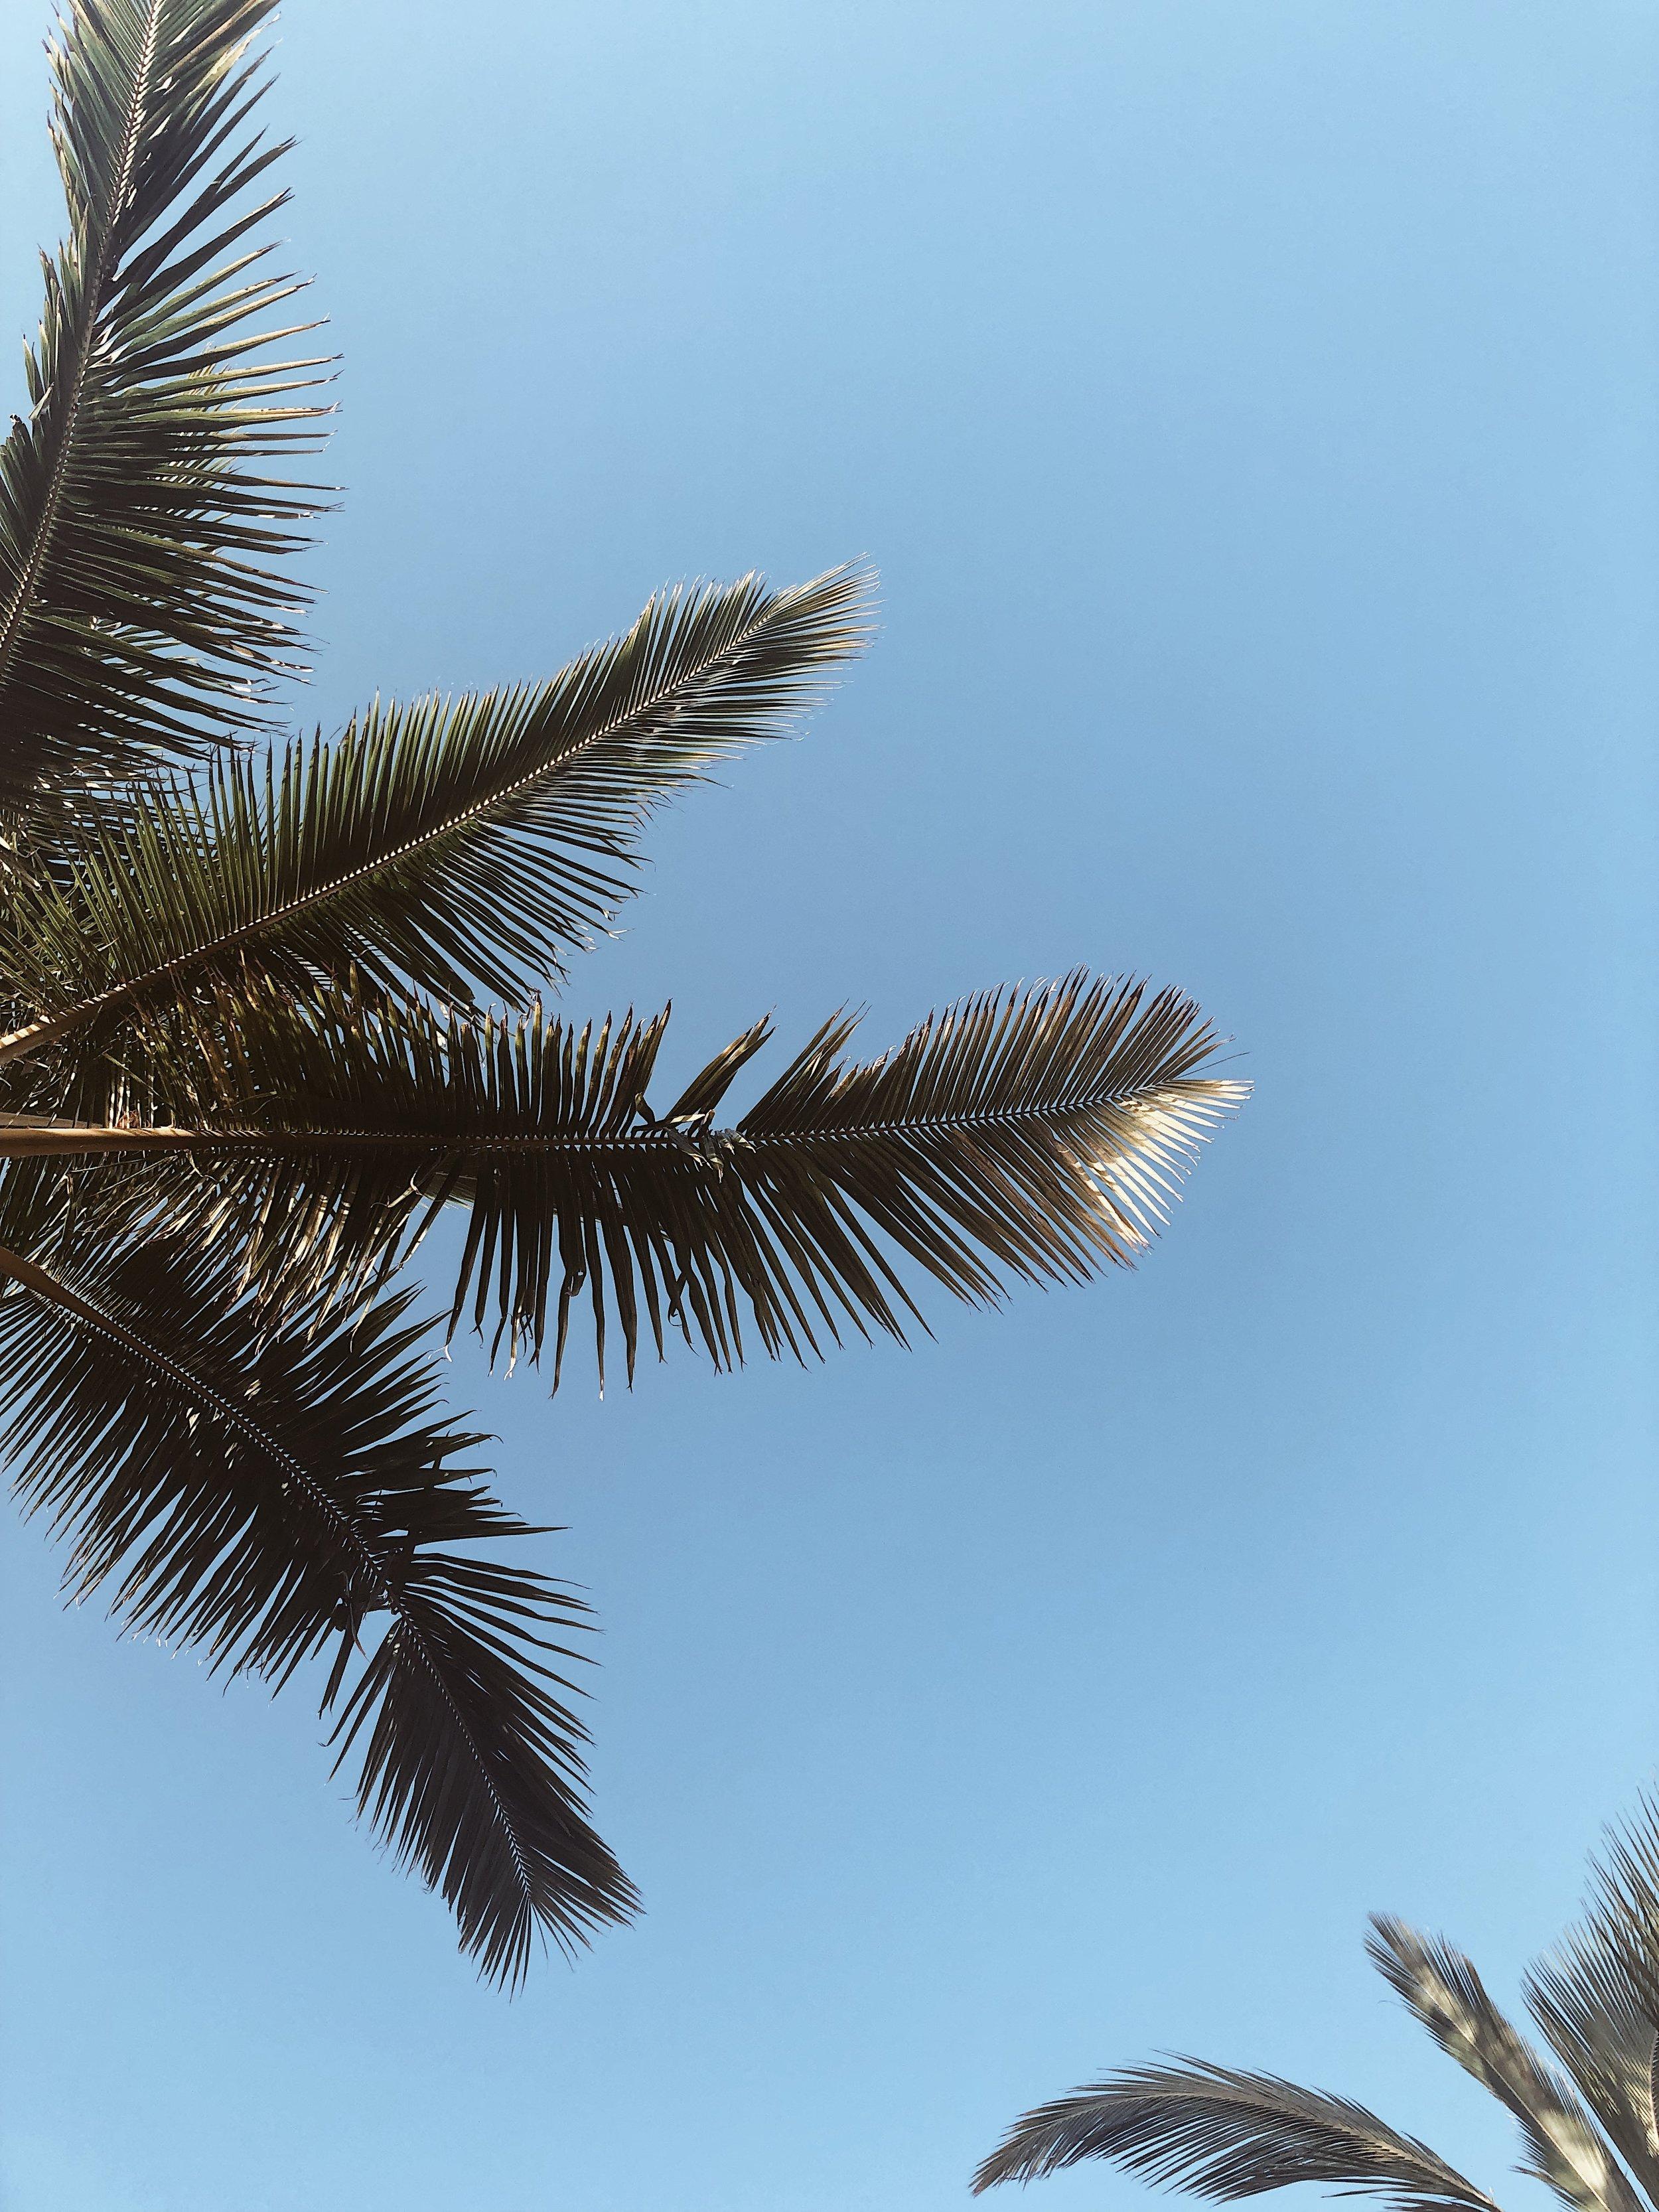 Maui Palm Tree